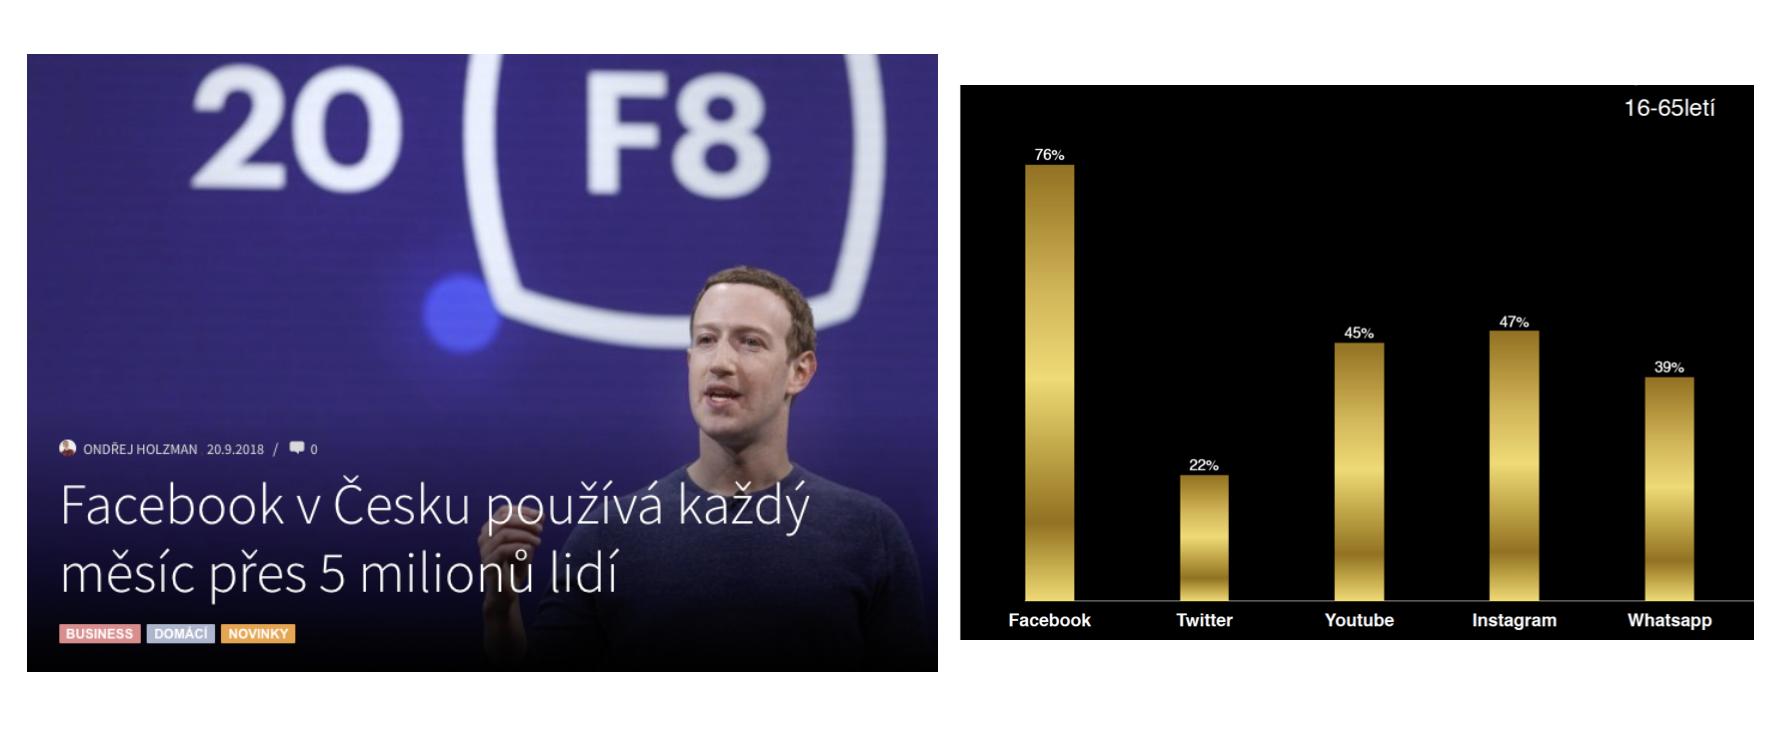 Pětimilionová síť